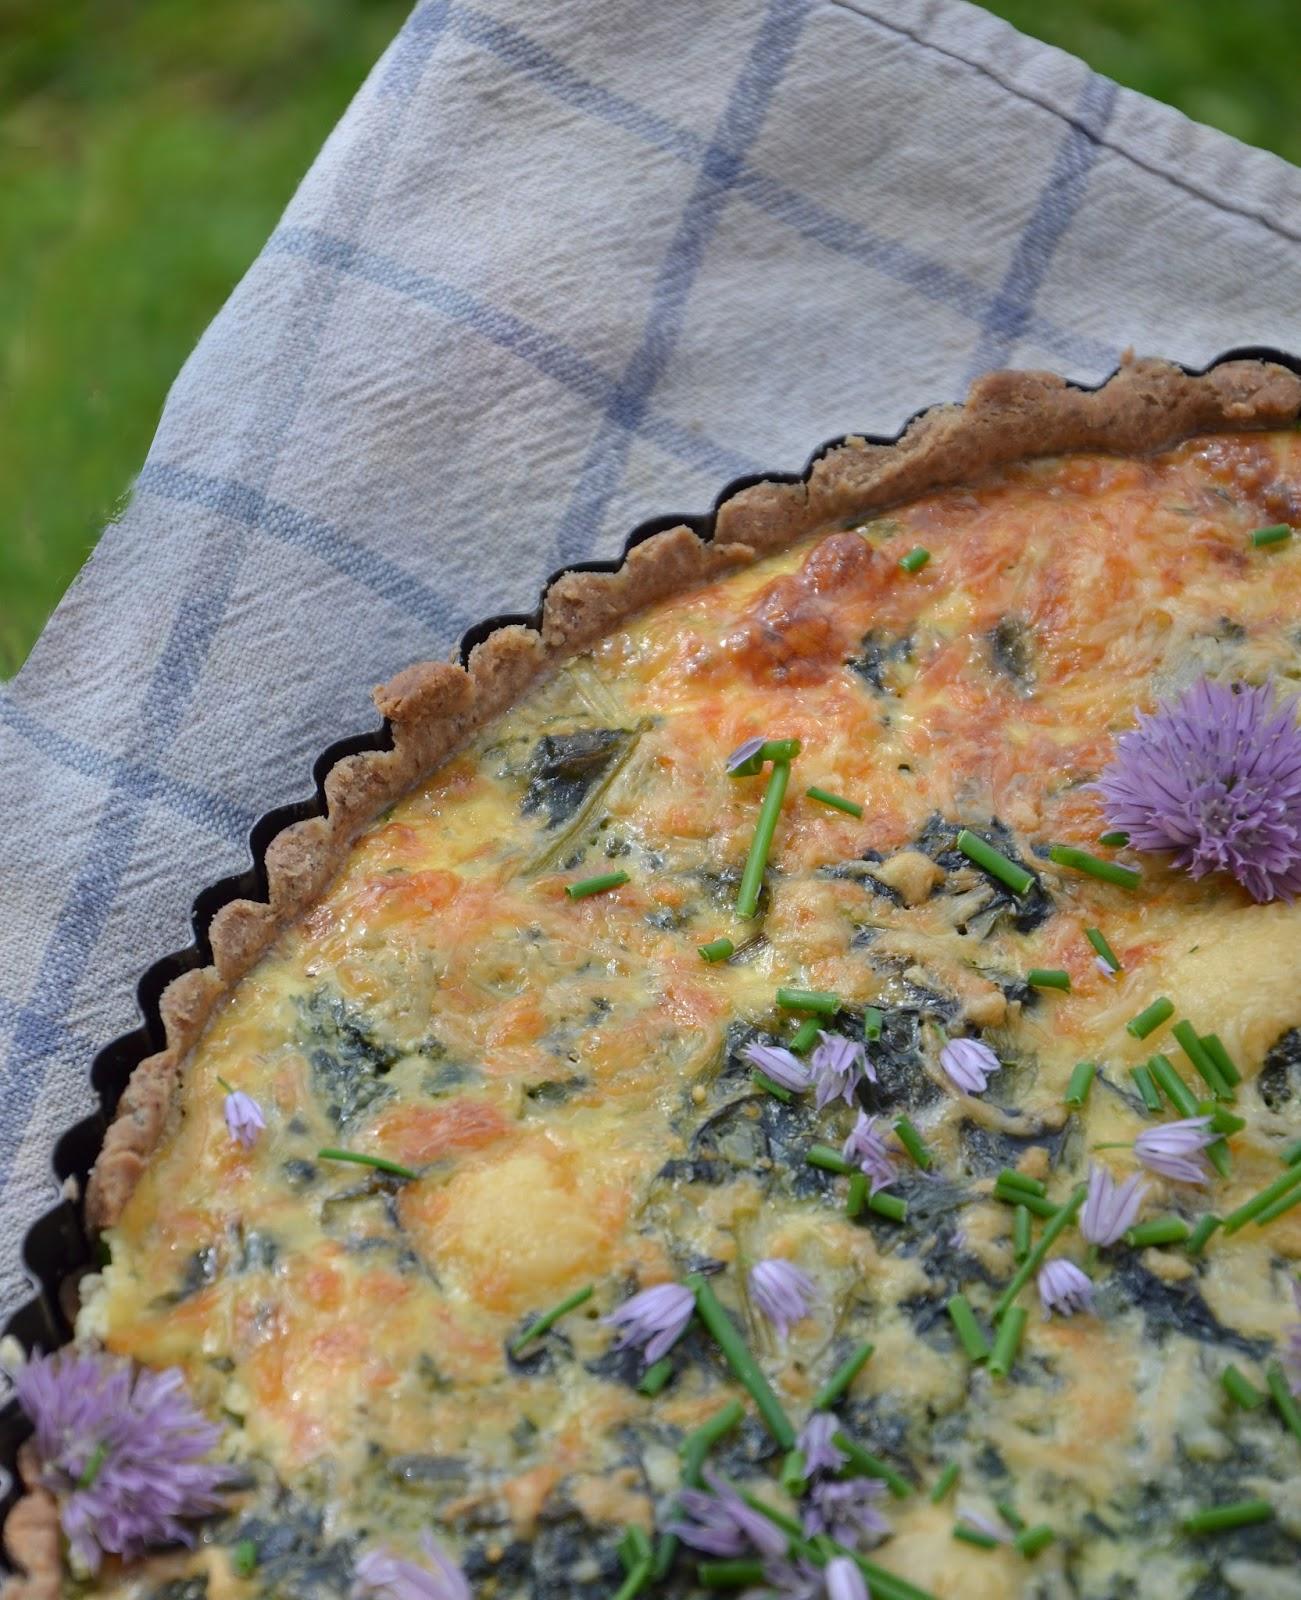 Cuisiner les herbes du jardin - Cuisiner les herbes sauvages ...